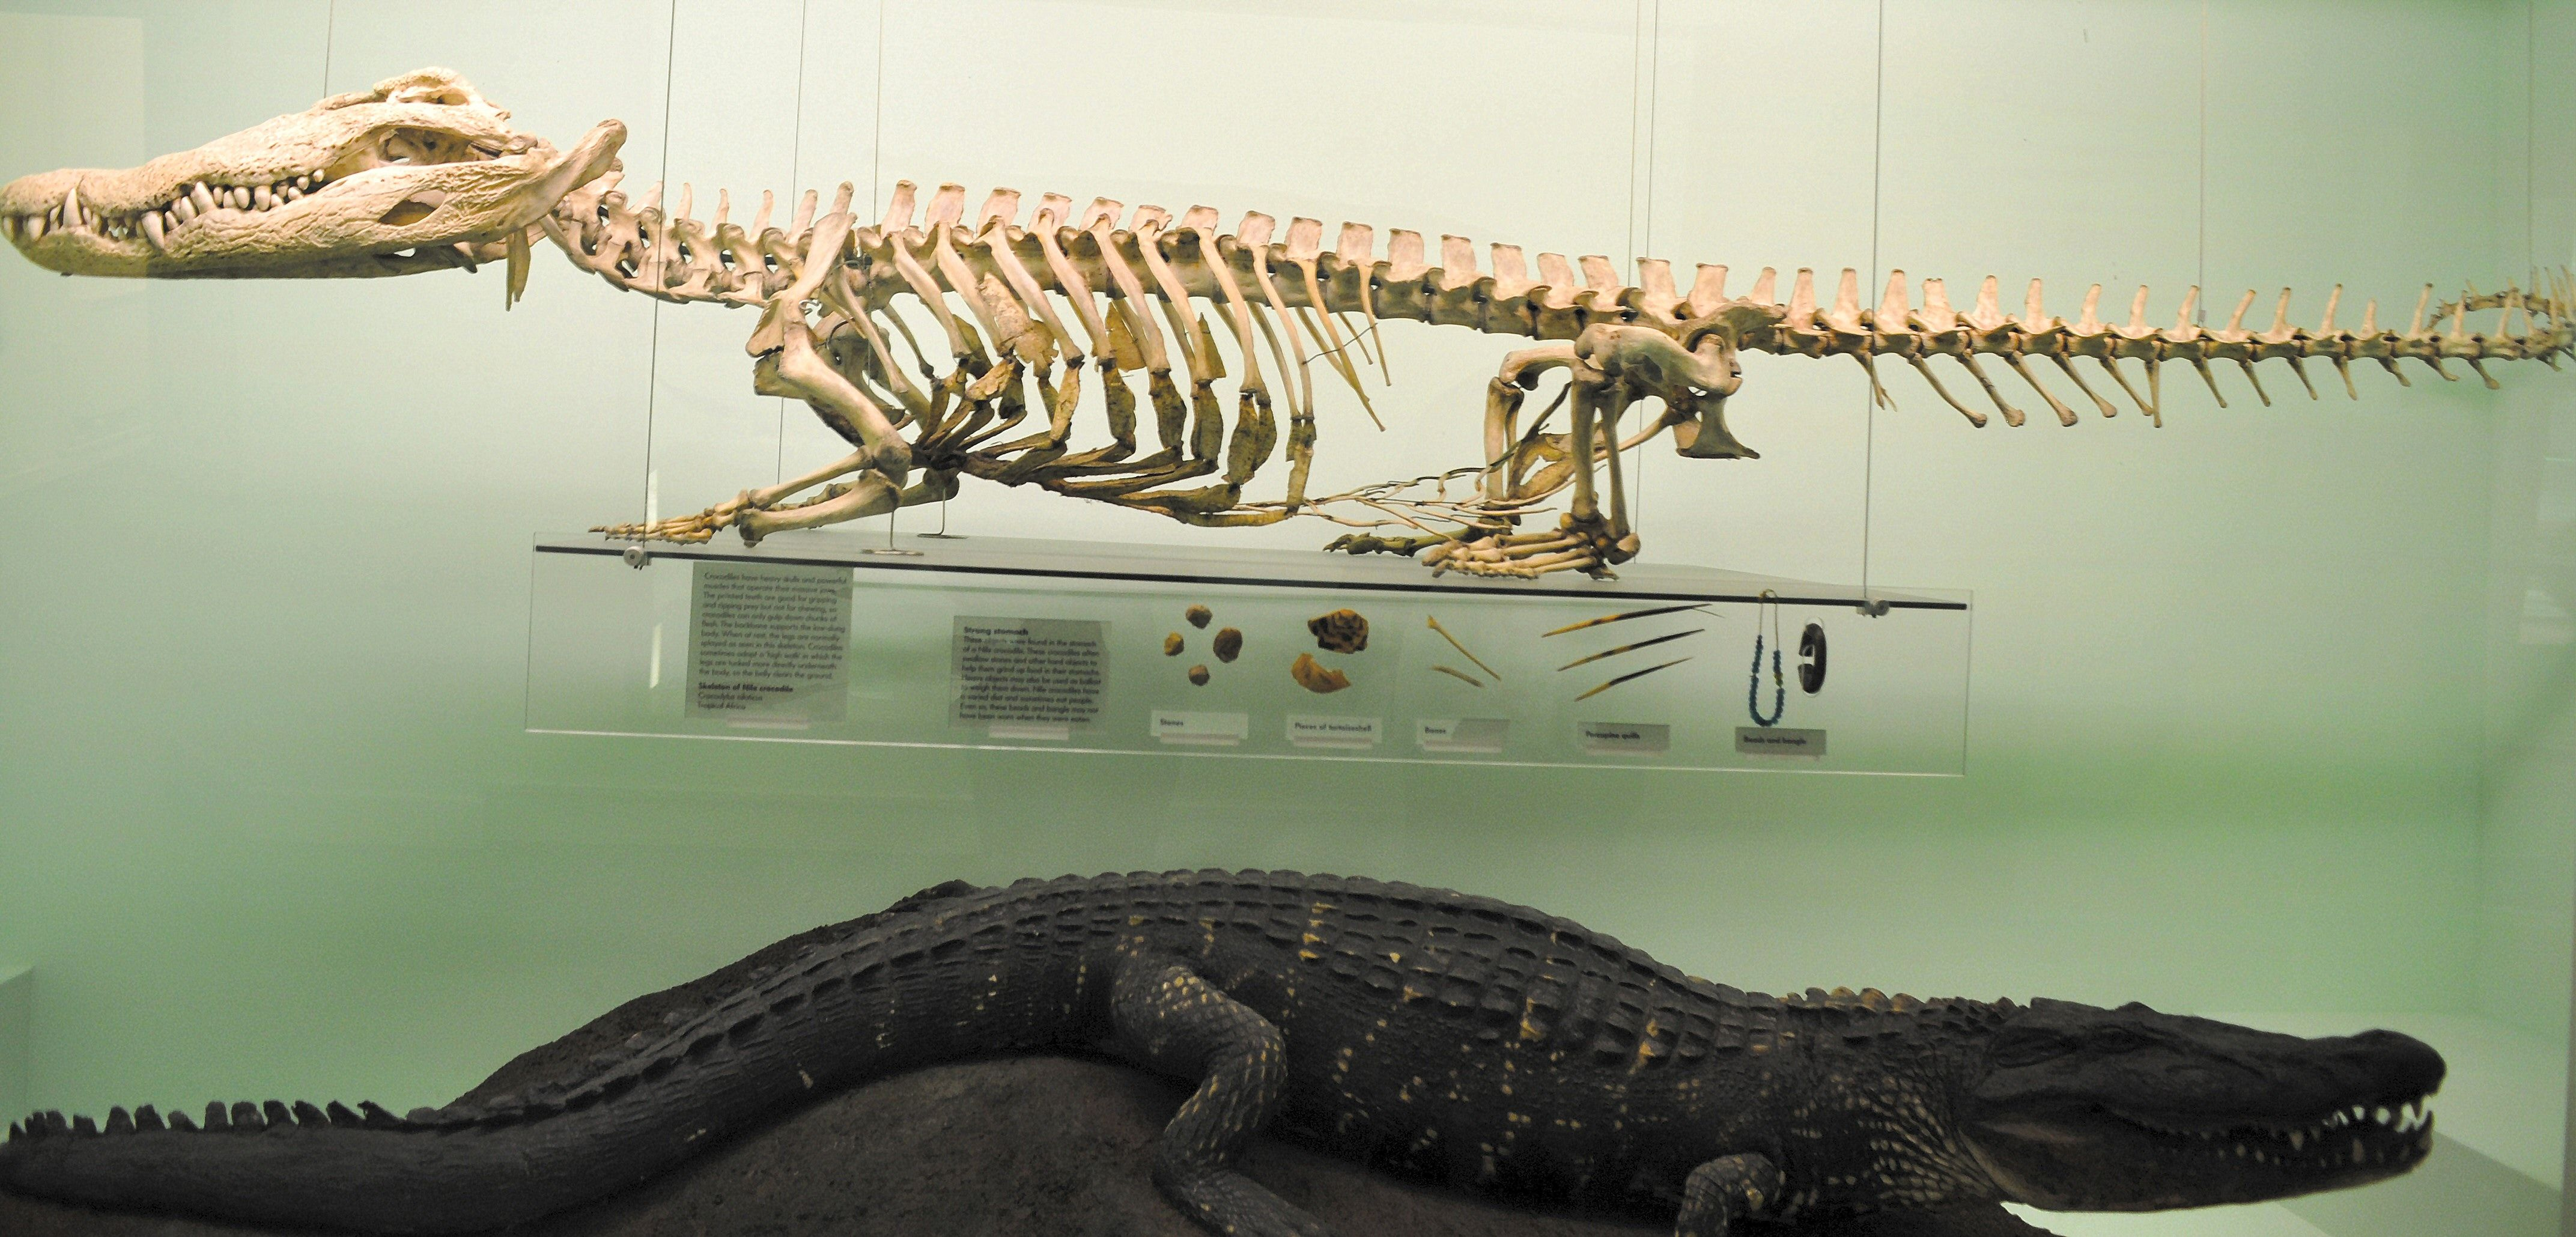 alligator skull muscle attachment - Google Search | Crocodylia ...